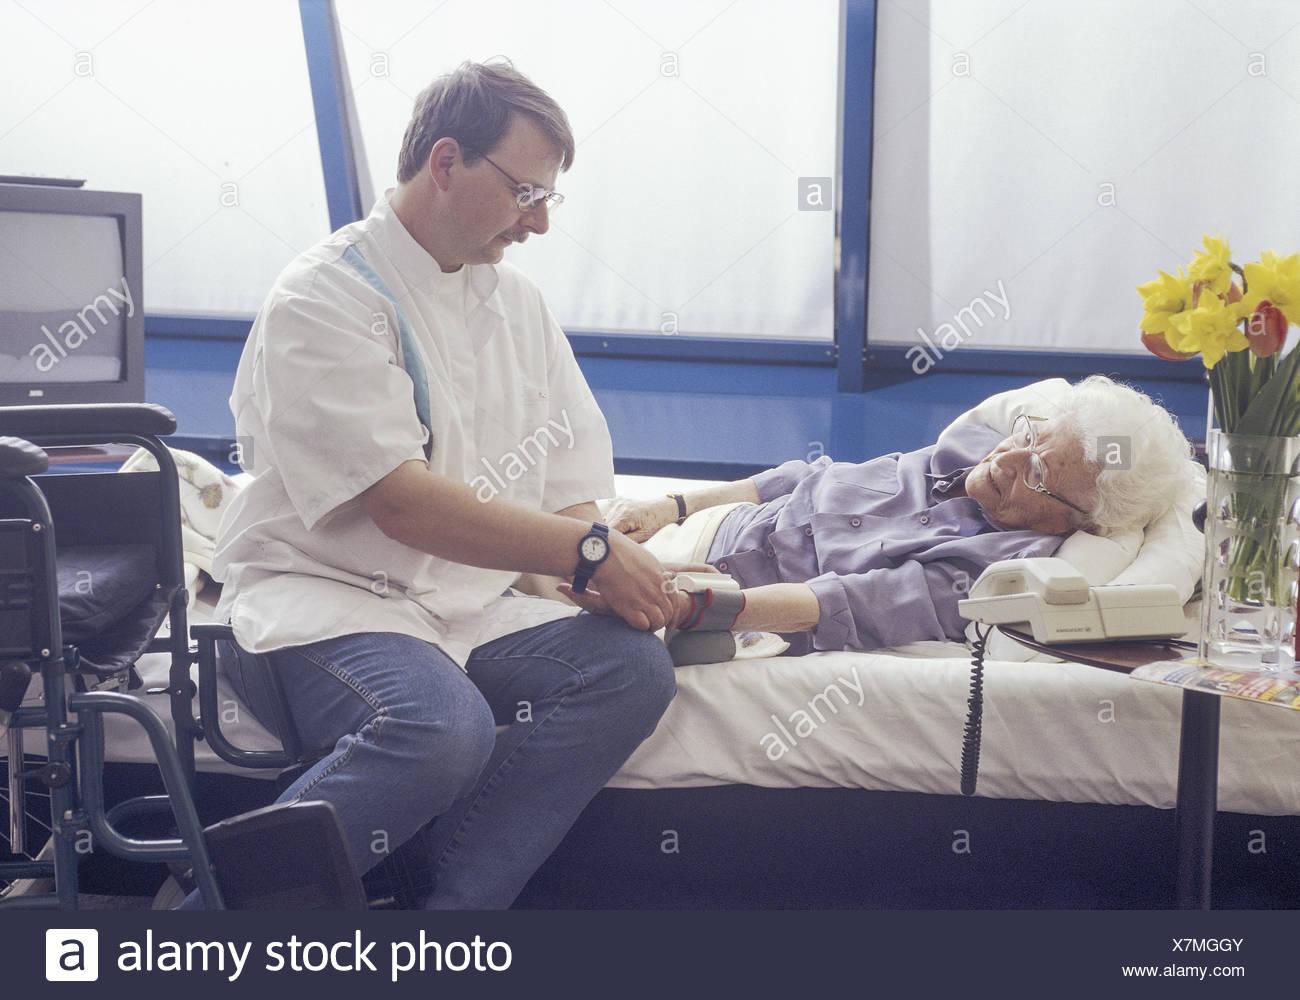 Altenpfleger beim Blutdruckmessen bei aelterer Seniorin am Bett (model-released) - Stock Image